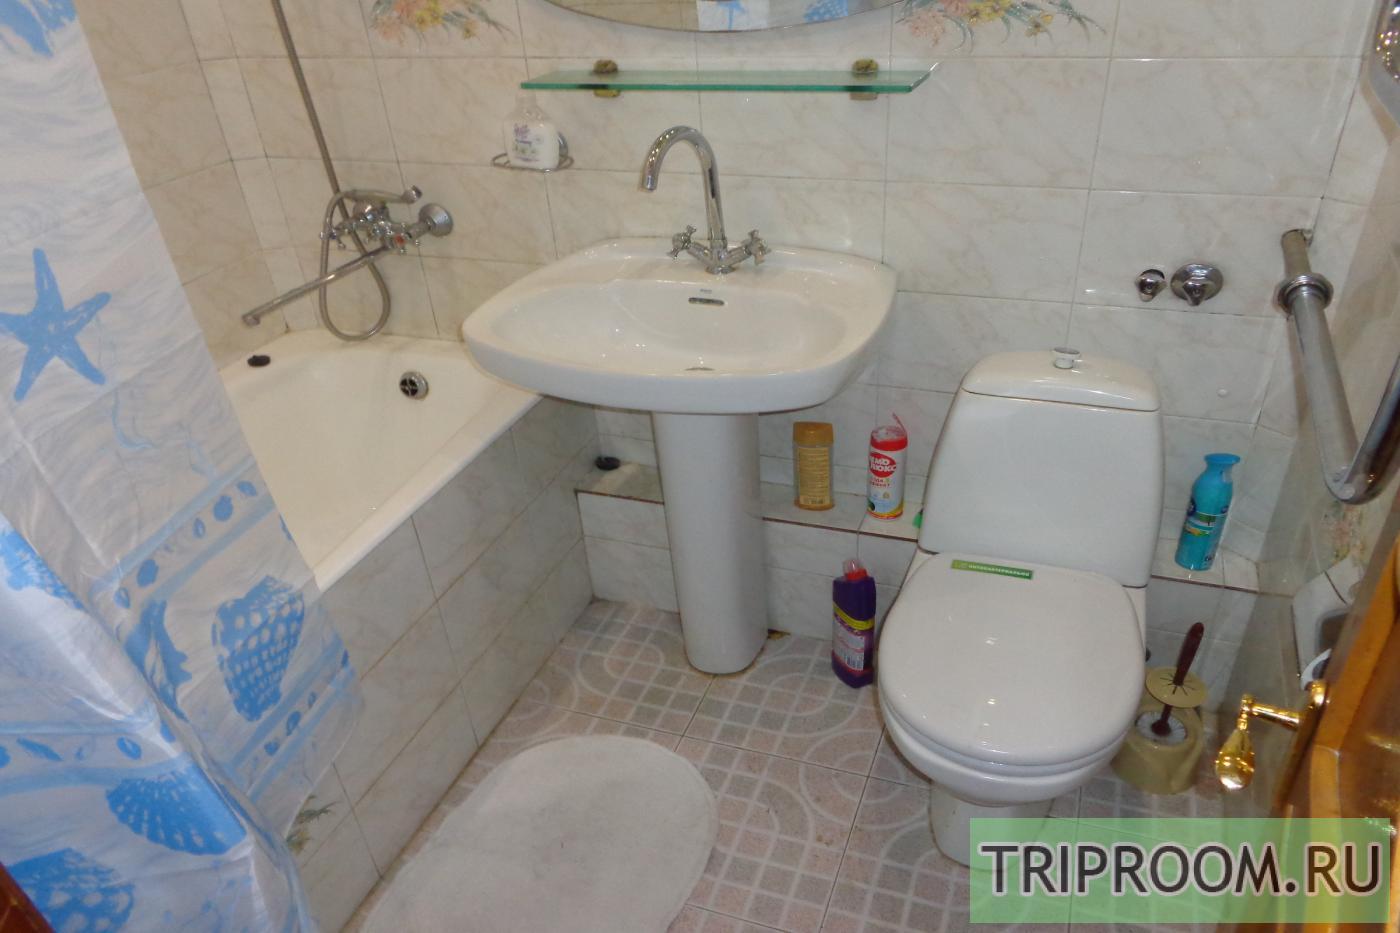 2-комнатная квартира посуточно (вариант № 6980), ул. Воровского улица, фото № 4